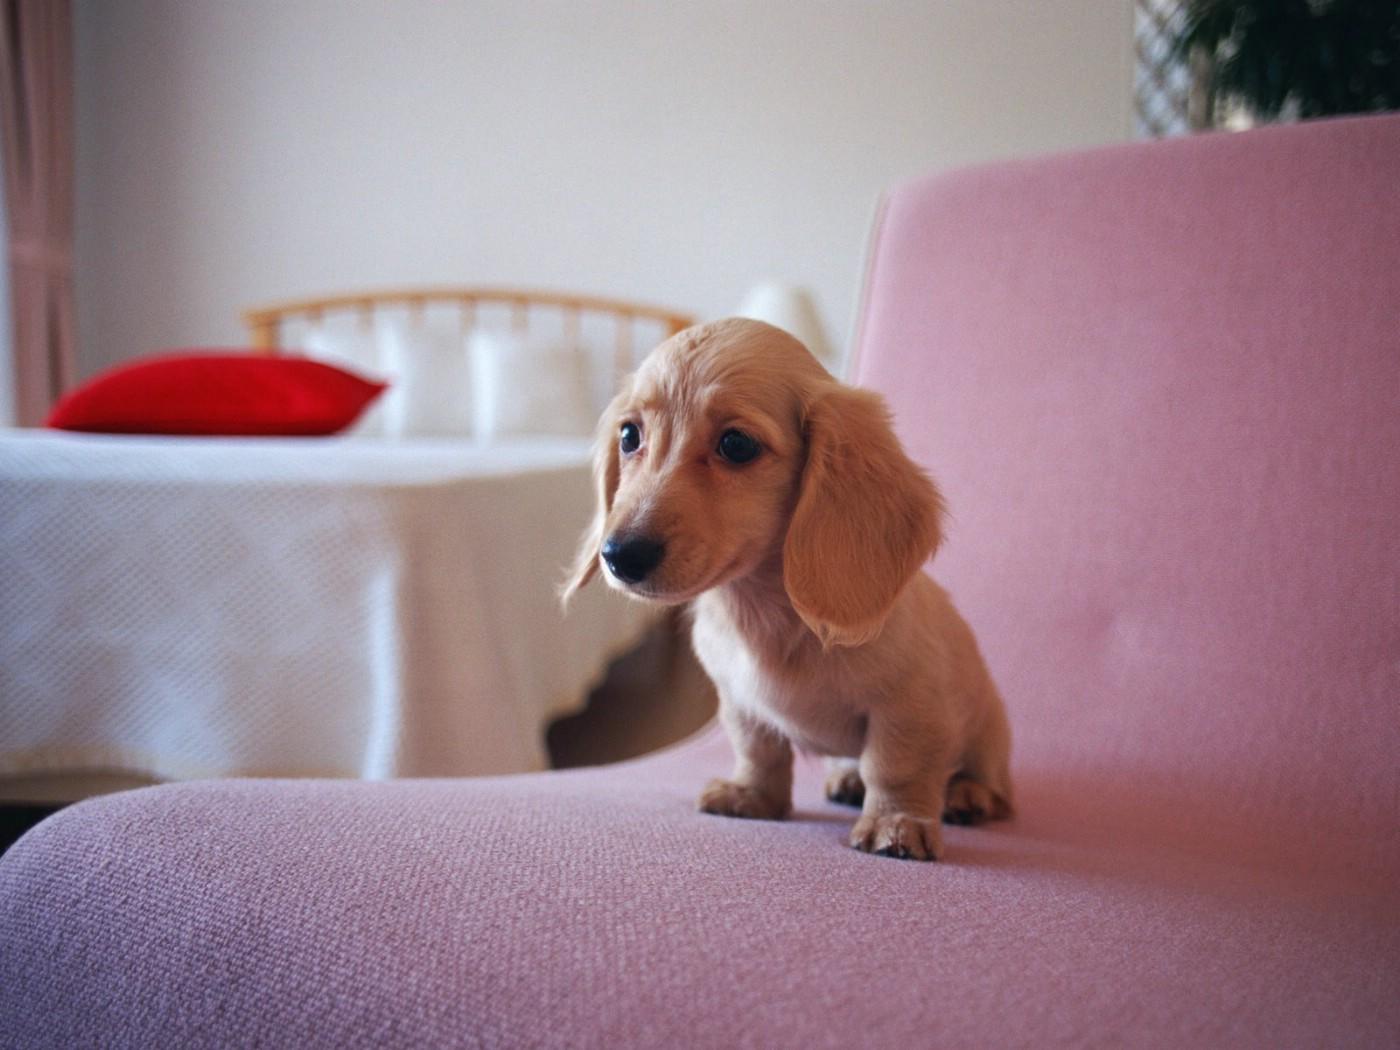 宠物狗狗图鉴迷你腊肠犬壁纸第二集壁纸图片动物壁纸